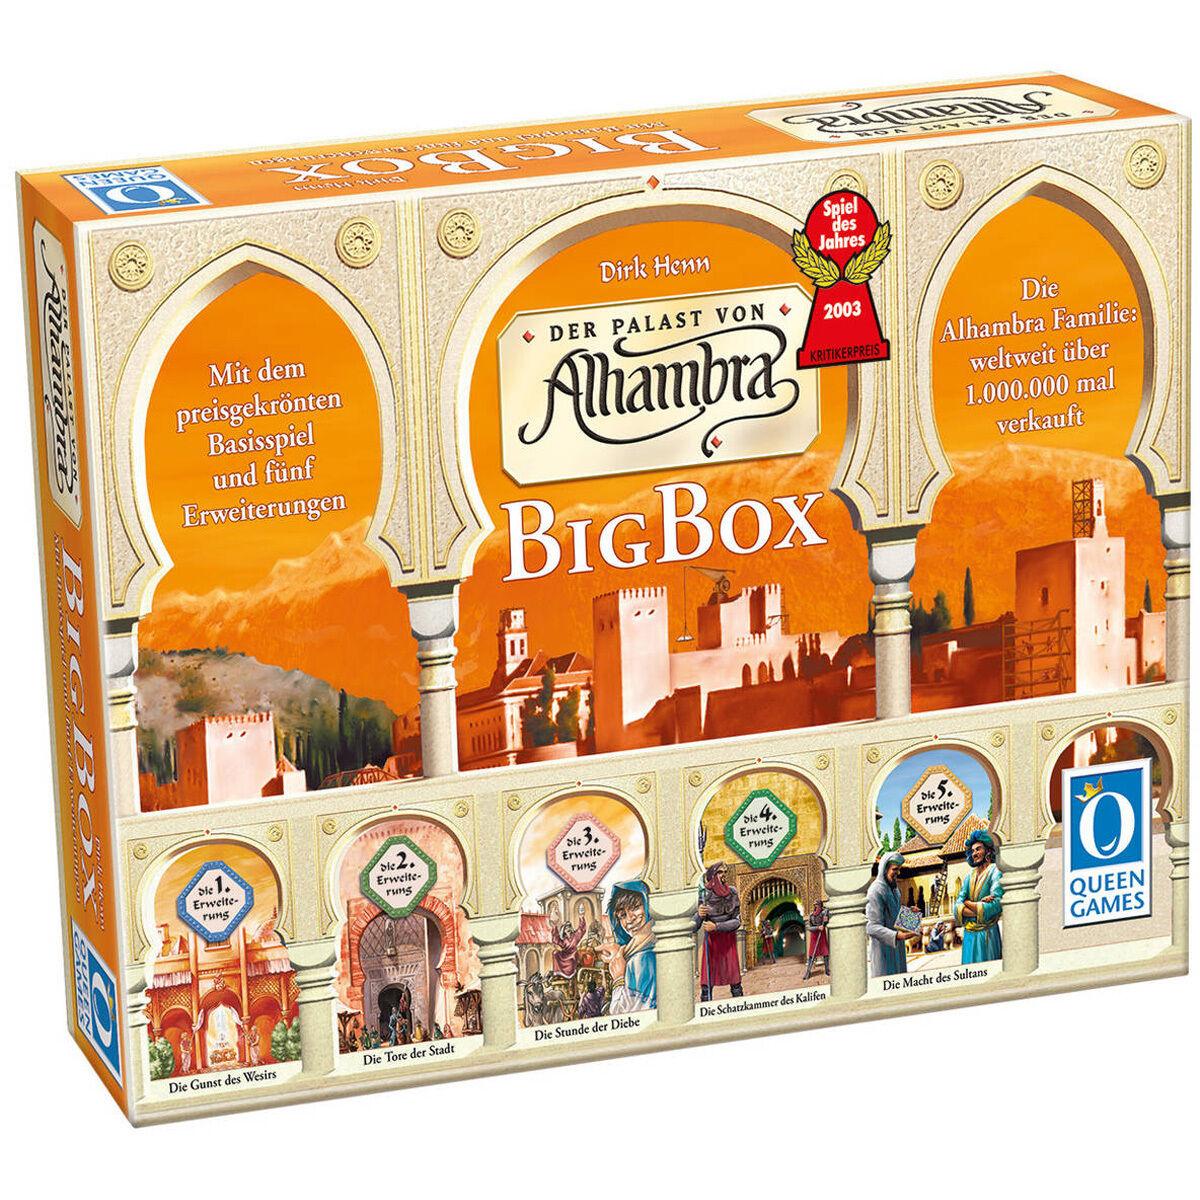 Queen Games Alhambra Big Box, Spiel des Jahres 2003